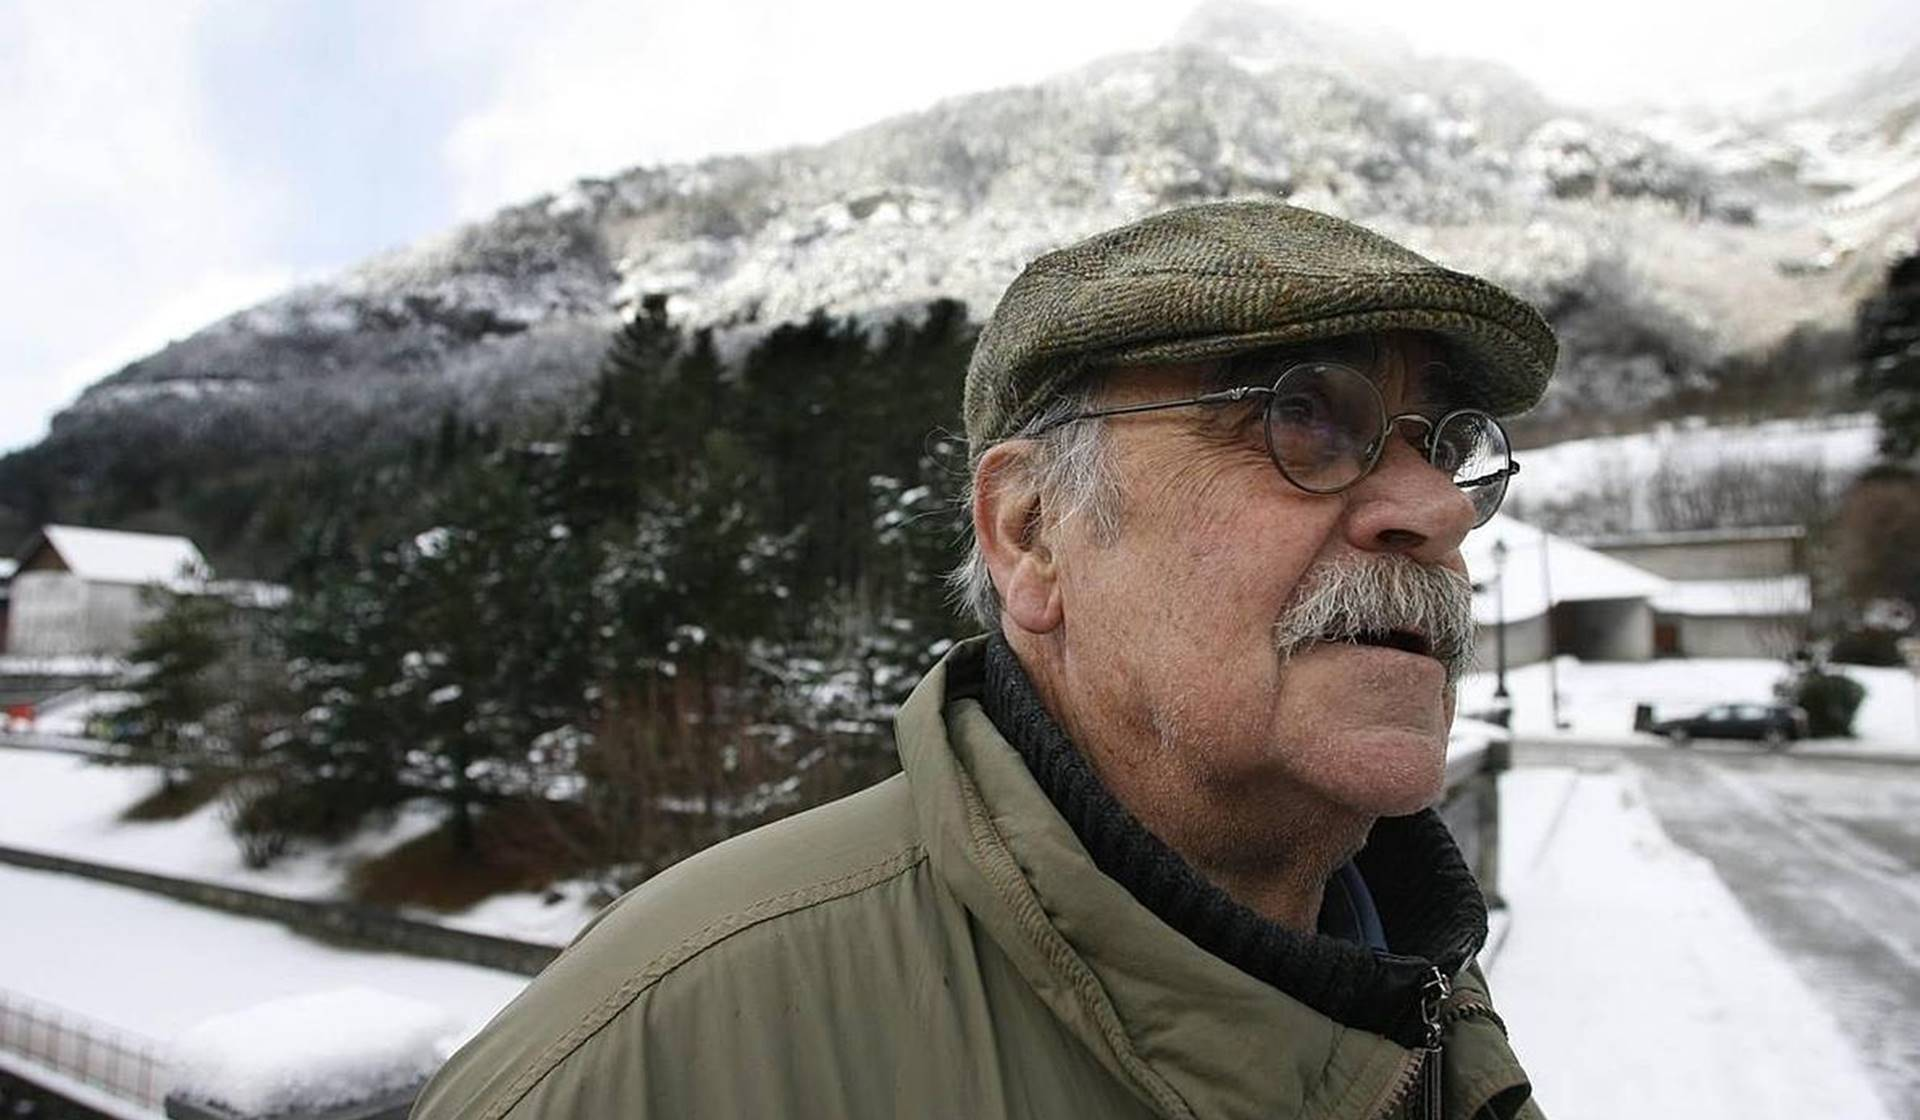 Hablamos con el famoso cantautor y poeta José Antonio Labordeta.